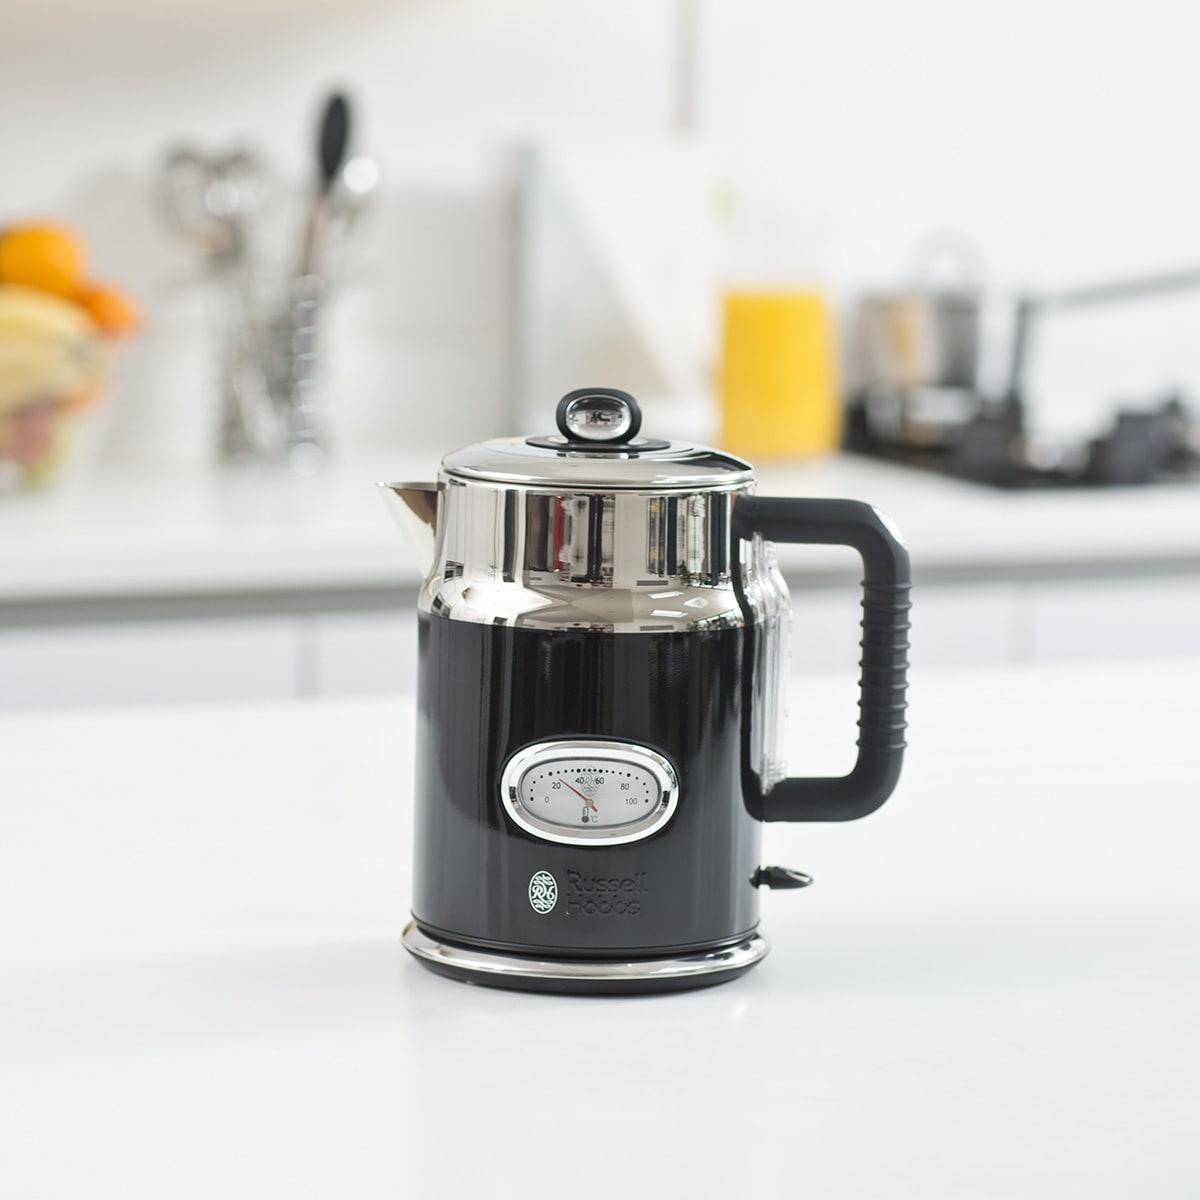 1,7 liter - Kog en kop vand på 55 sekunder